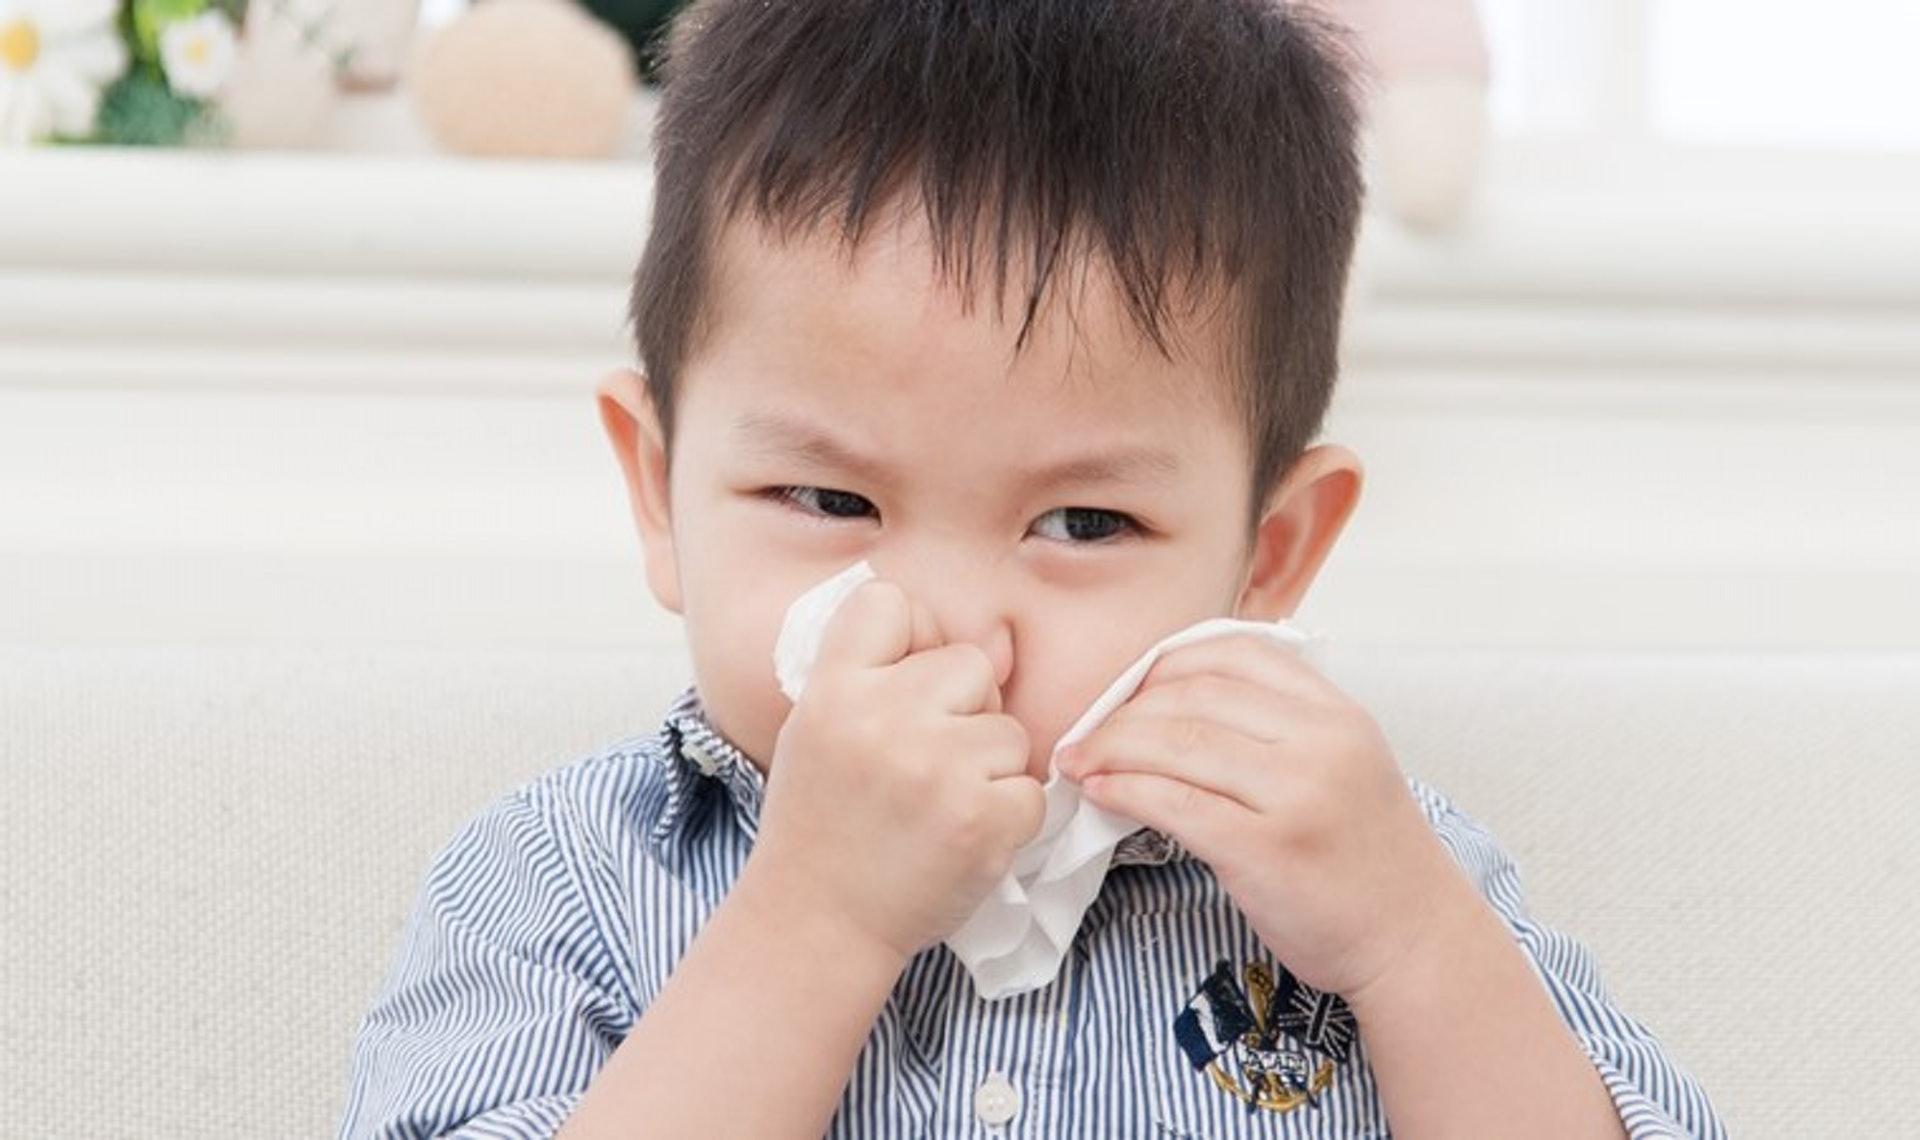 常見的致敏原除了食物,還會存在於周遭環境,例如動物毛屑、昆蟲、花粉、塵蟎等。透過測試,有助家長詳盡了解孩子的過敏成因,並加以提防。(圖片:mababy)